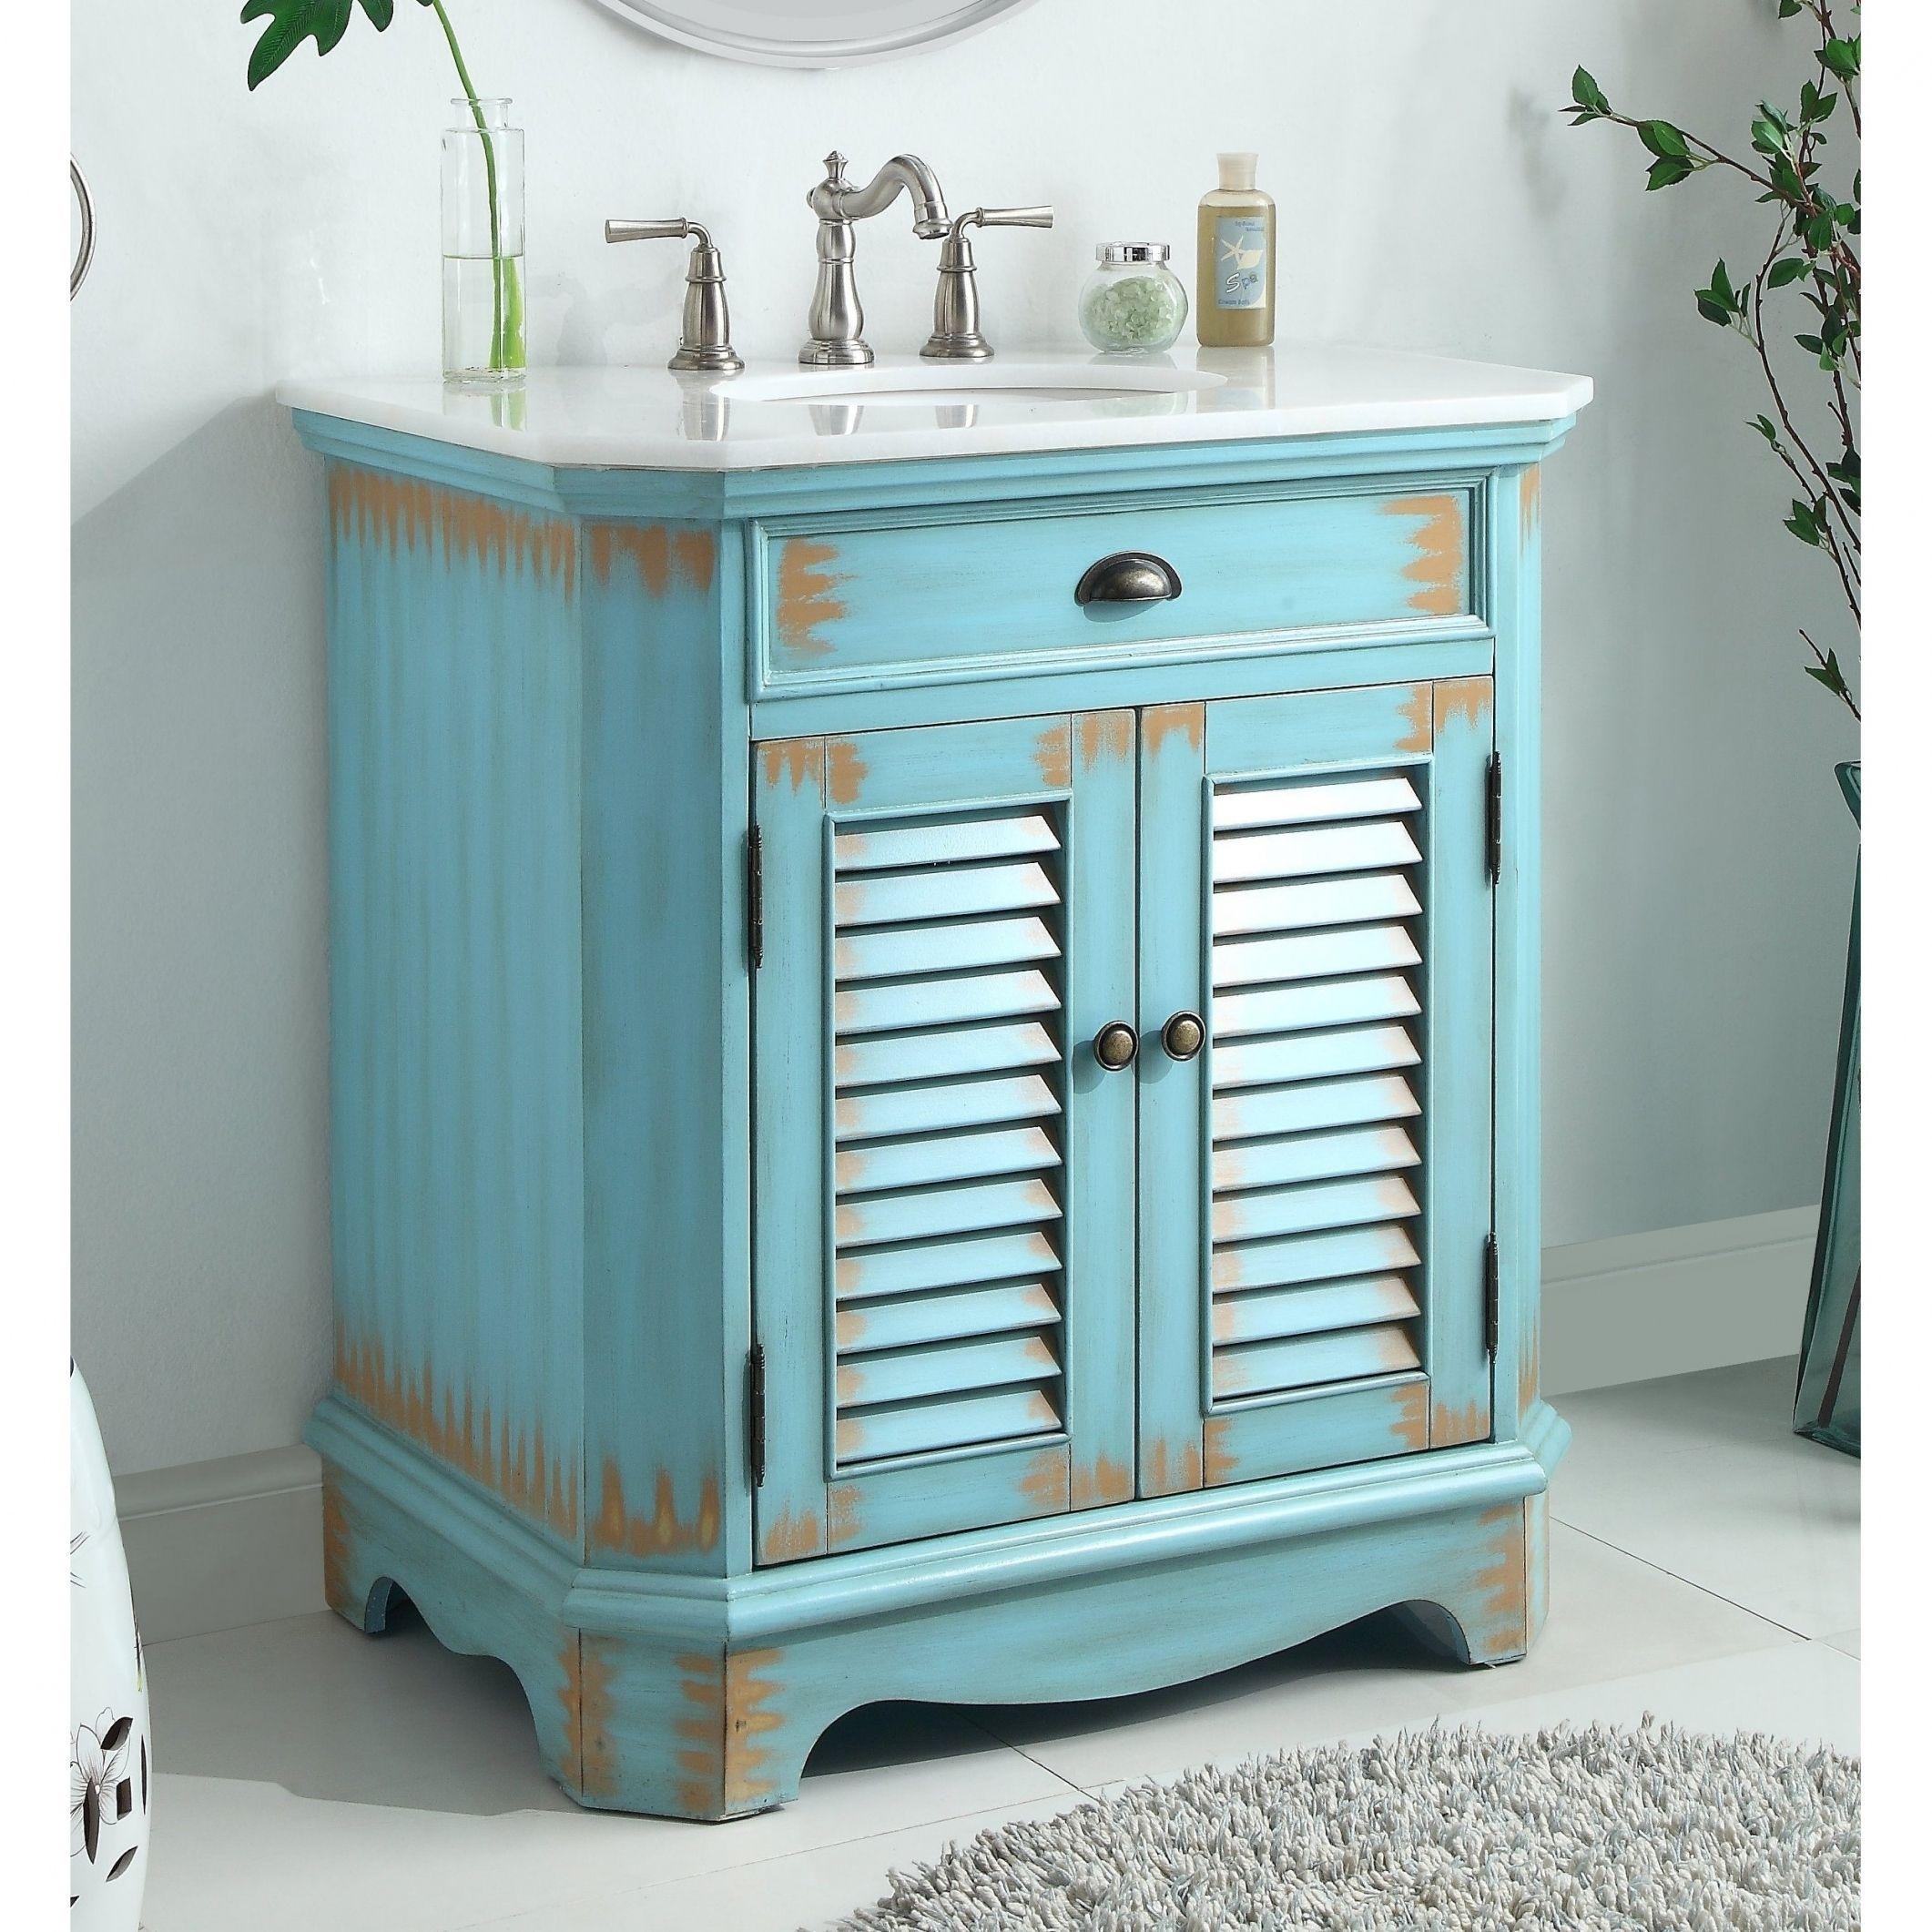 Fresh Turquoise Bathroom Vanity Bathroom Fresh Turquoise Vanity In 2020 Blue Bathroom Blue Bathroom Vanity Turquoise Bathroom